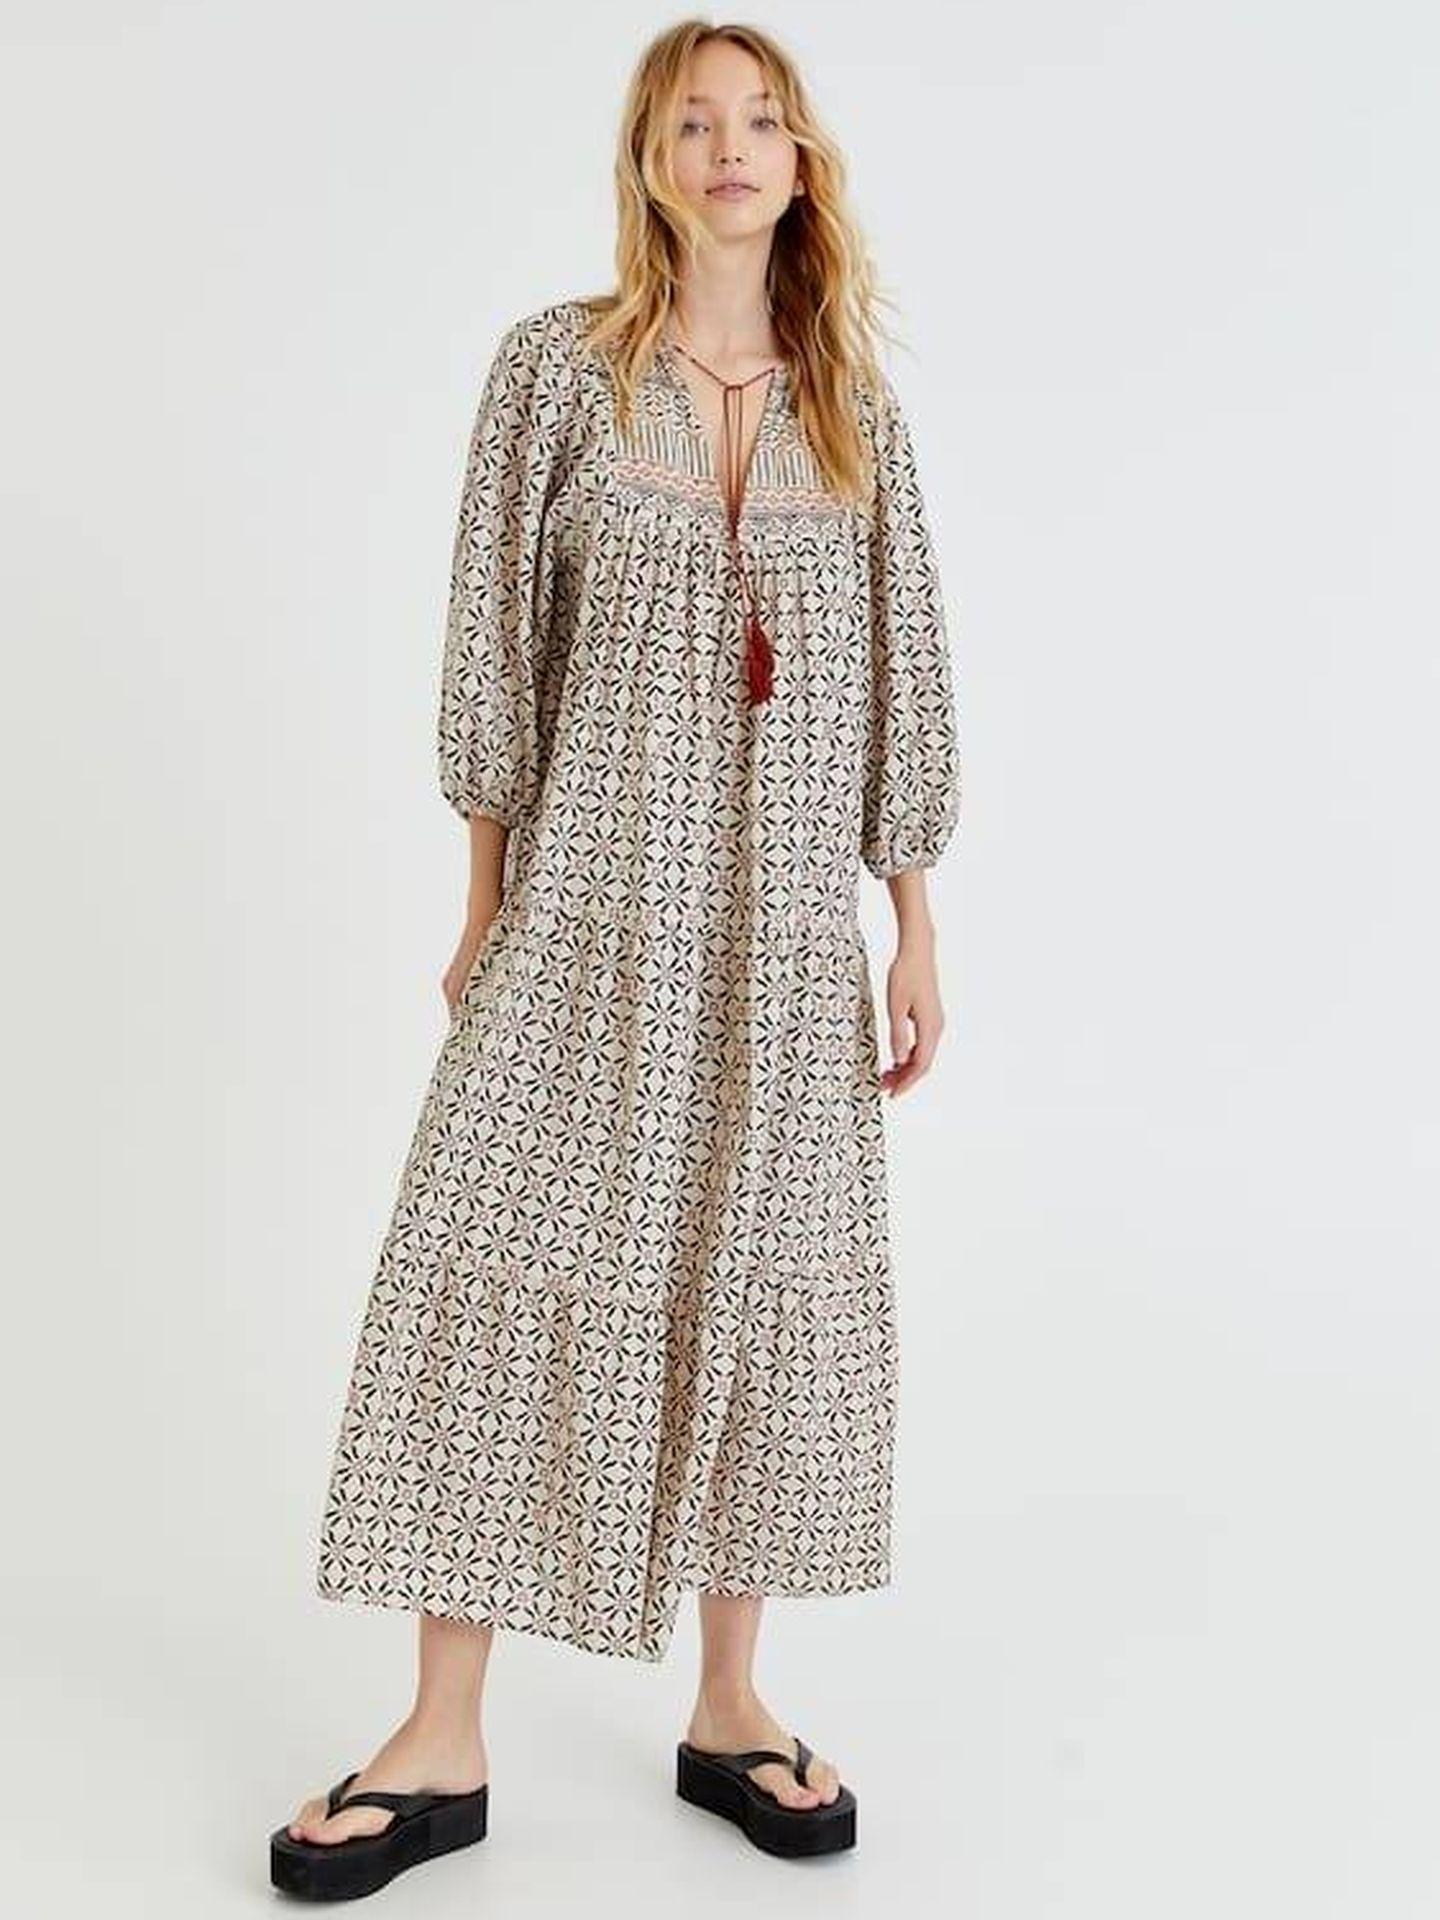 El vestido que triunfa en ventas en Pull and Bear. (Cortesía)